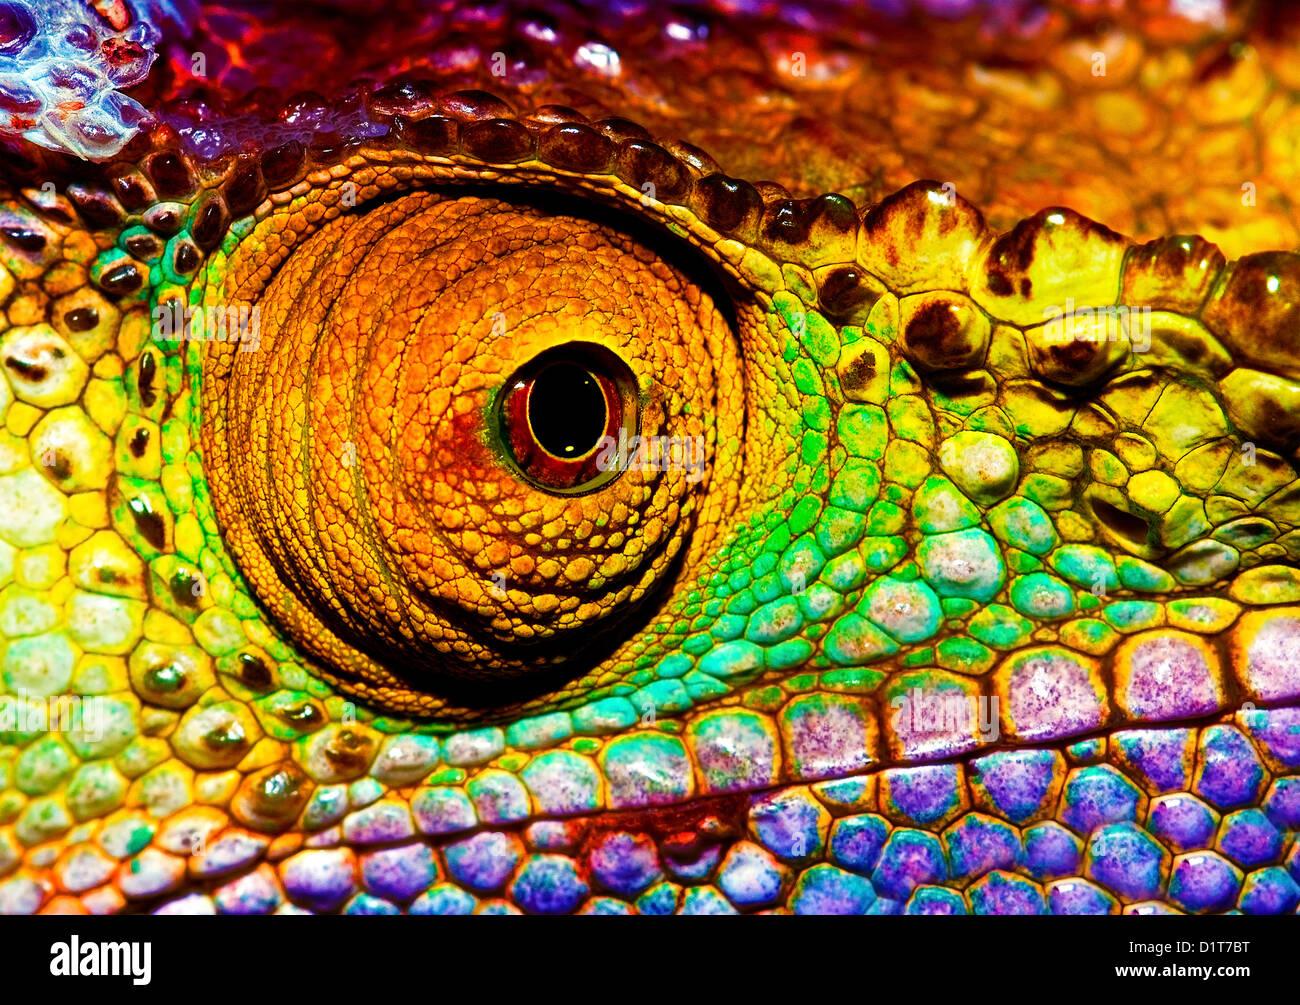 Photo de gros plan, les yeux reptiliens colorés partie tête de Chameleon, multicolore peau écailleuse Photo Stock